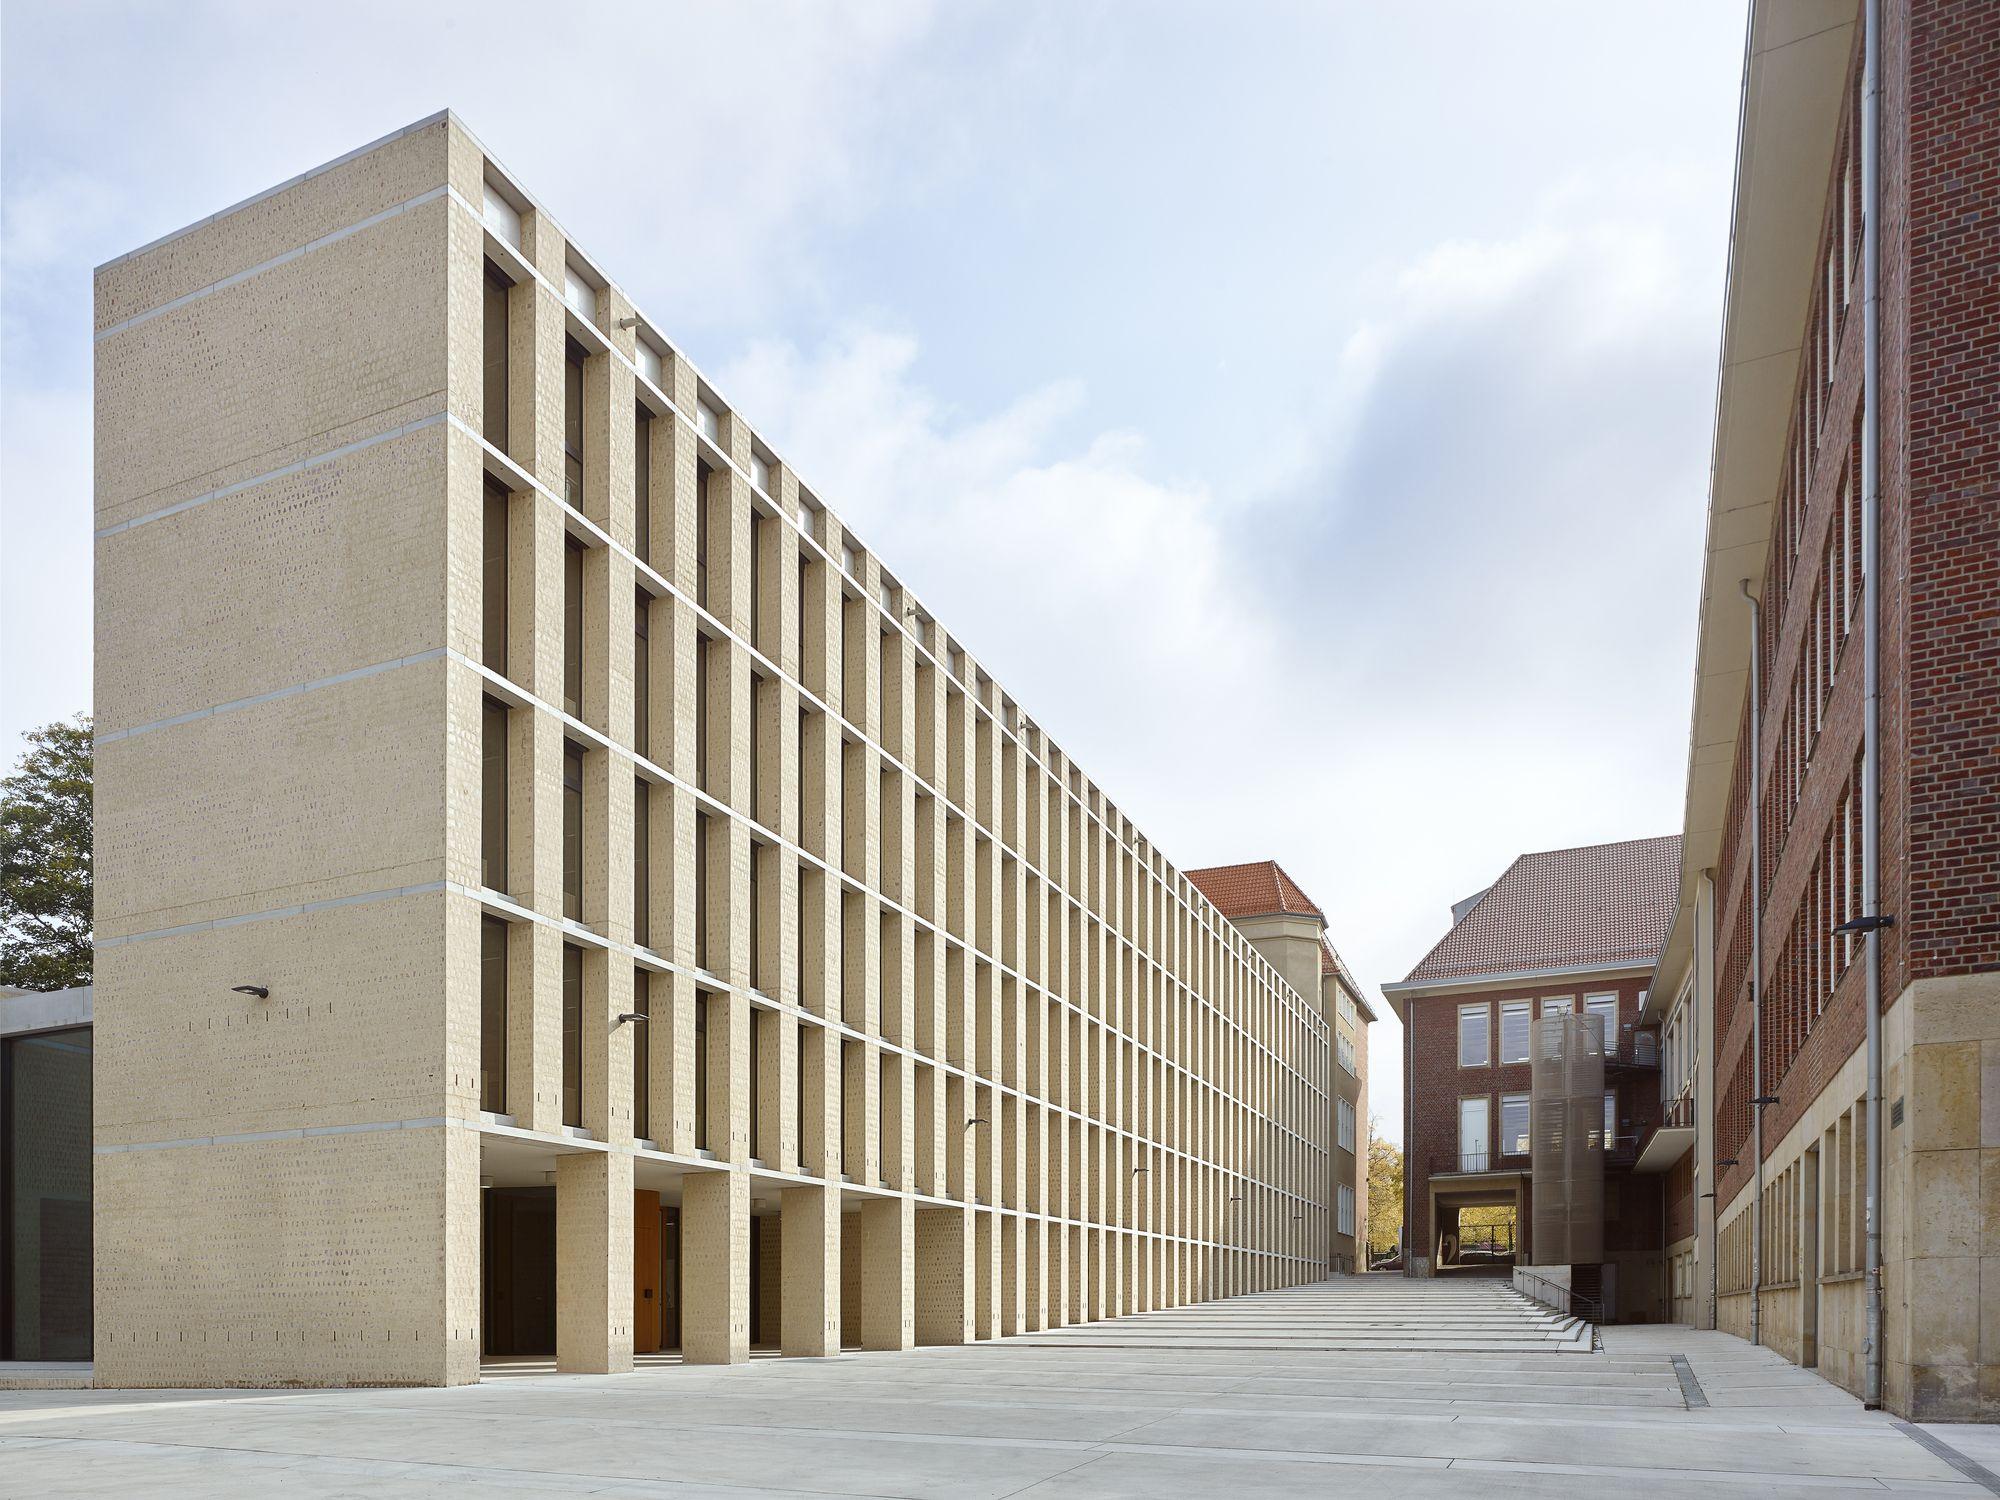 Architekt Emsdetten philosophikum böhm architekten cathedrals